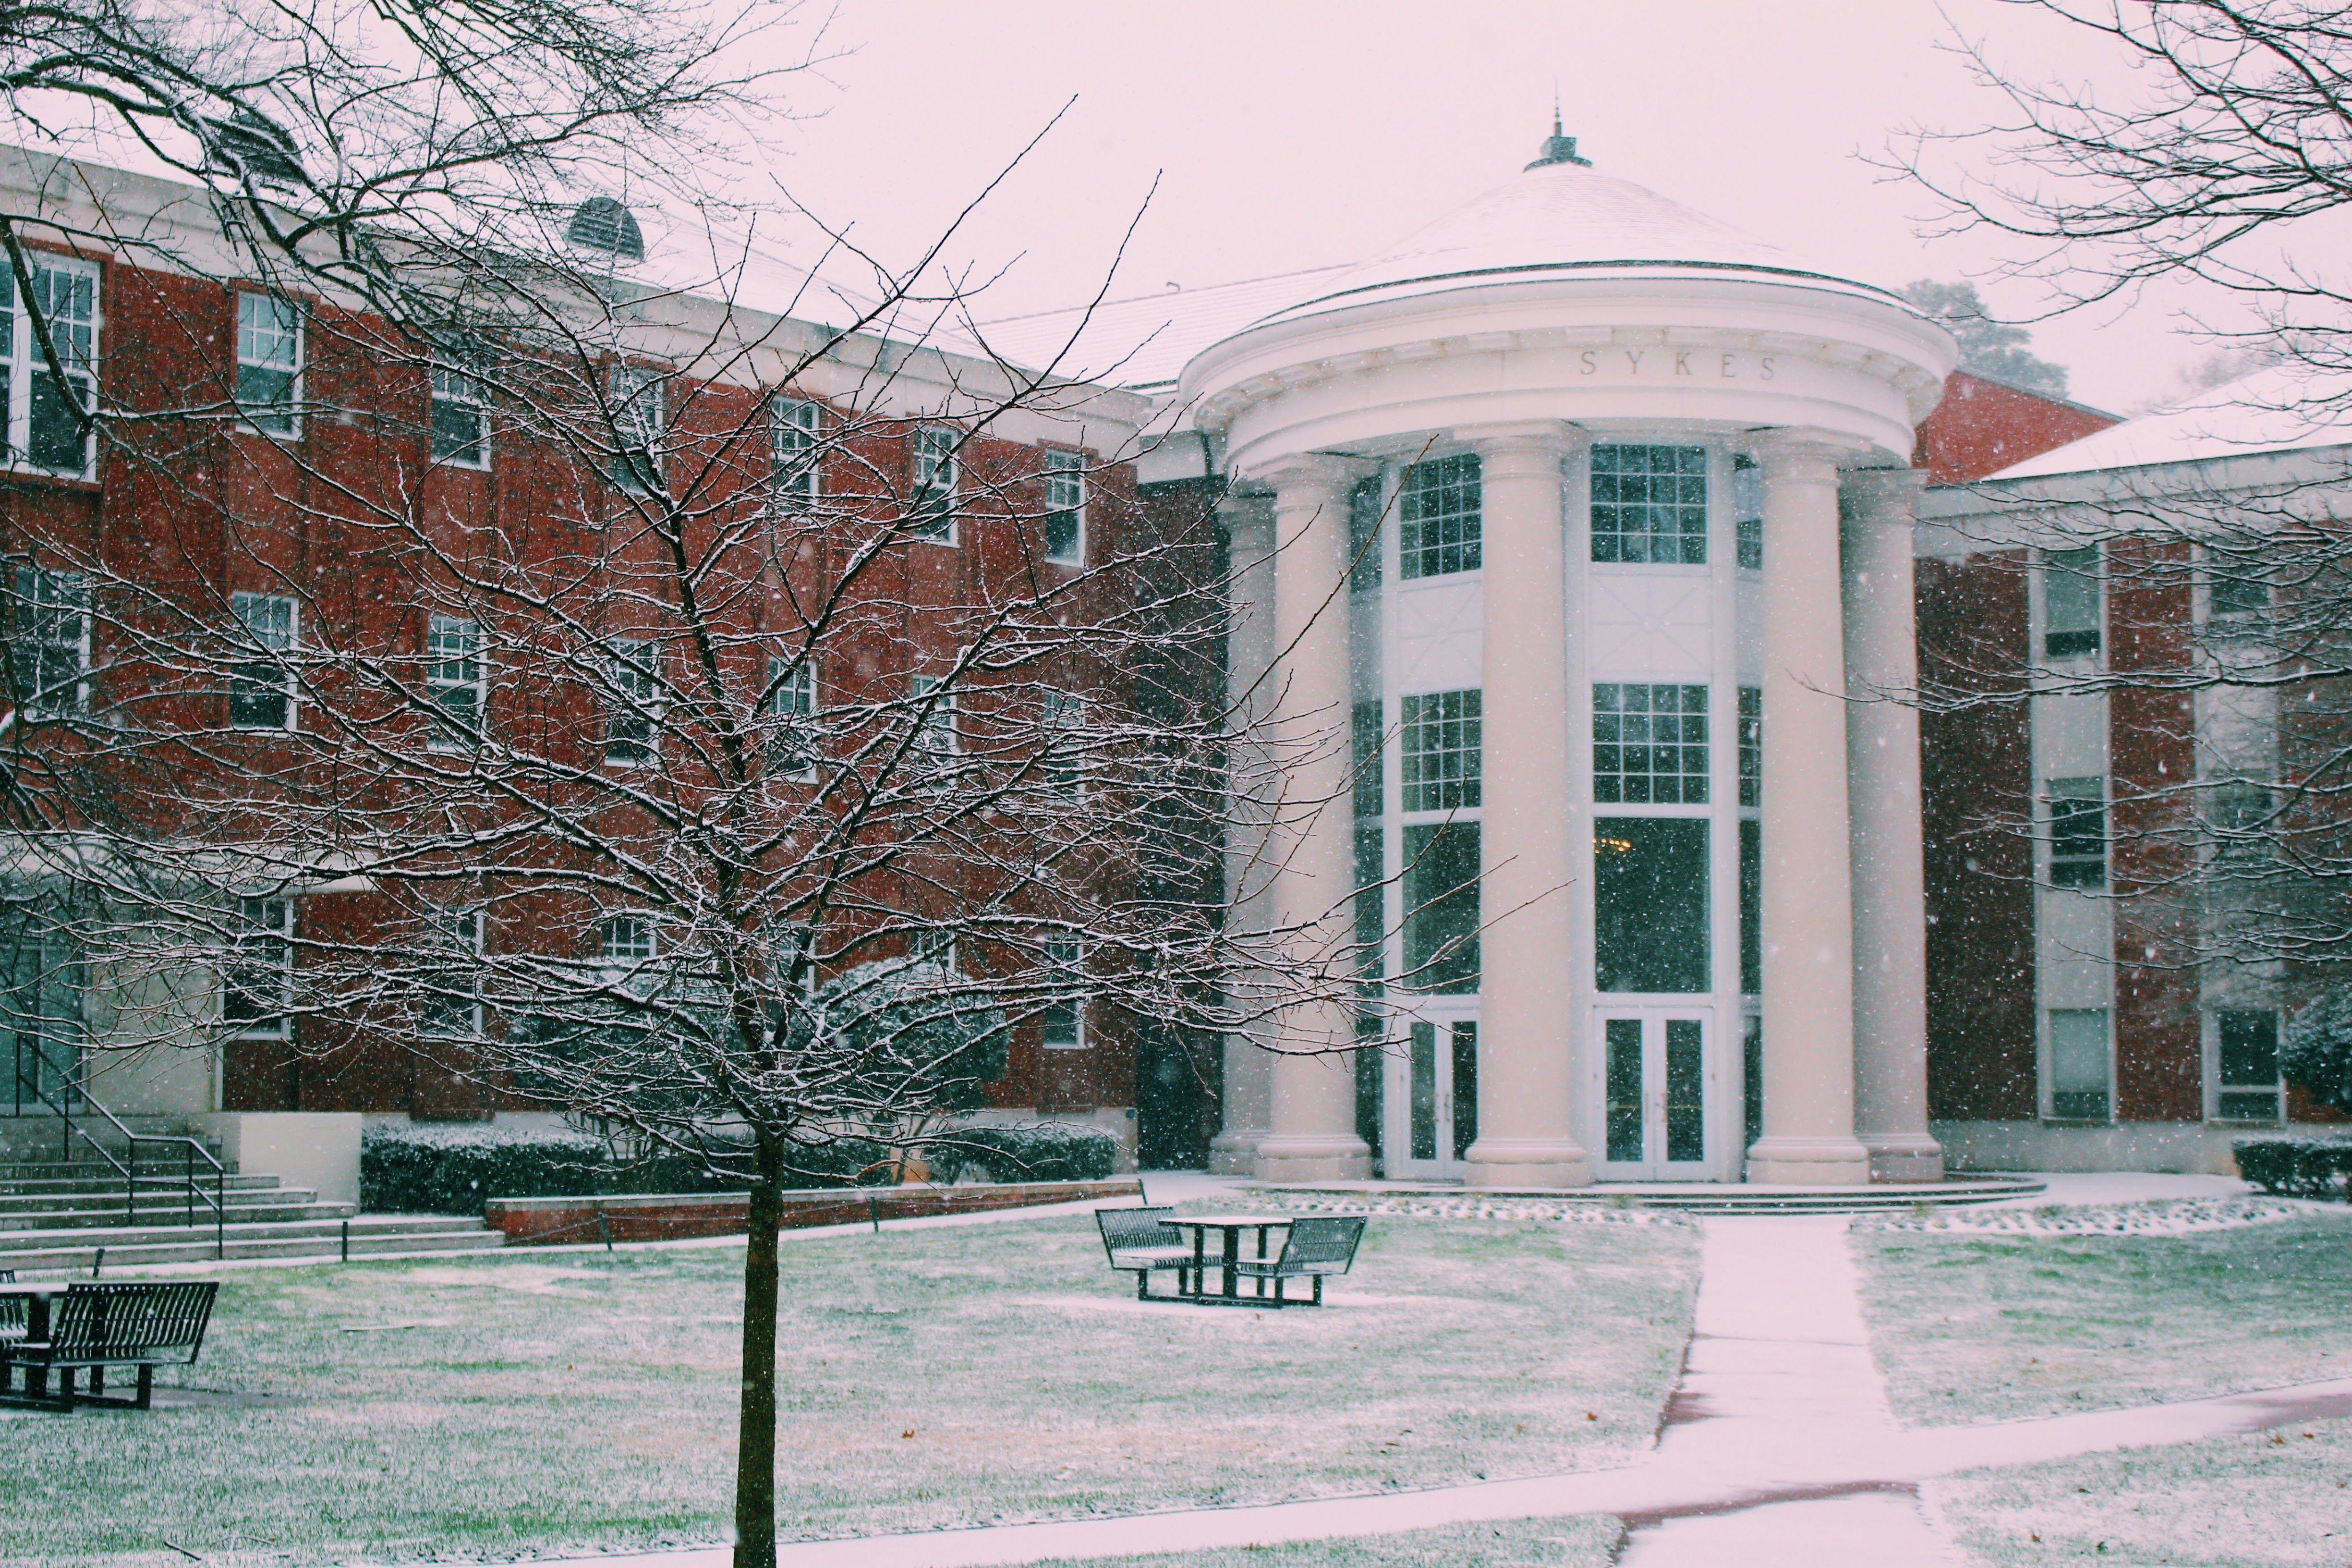 Queens University Of Charlotte Winter Queen S University University Of Charlotte City